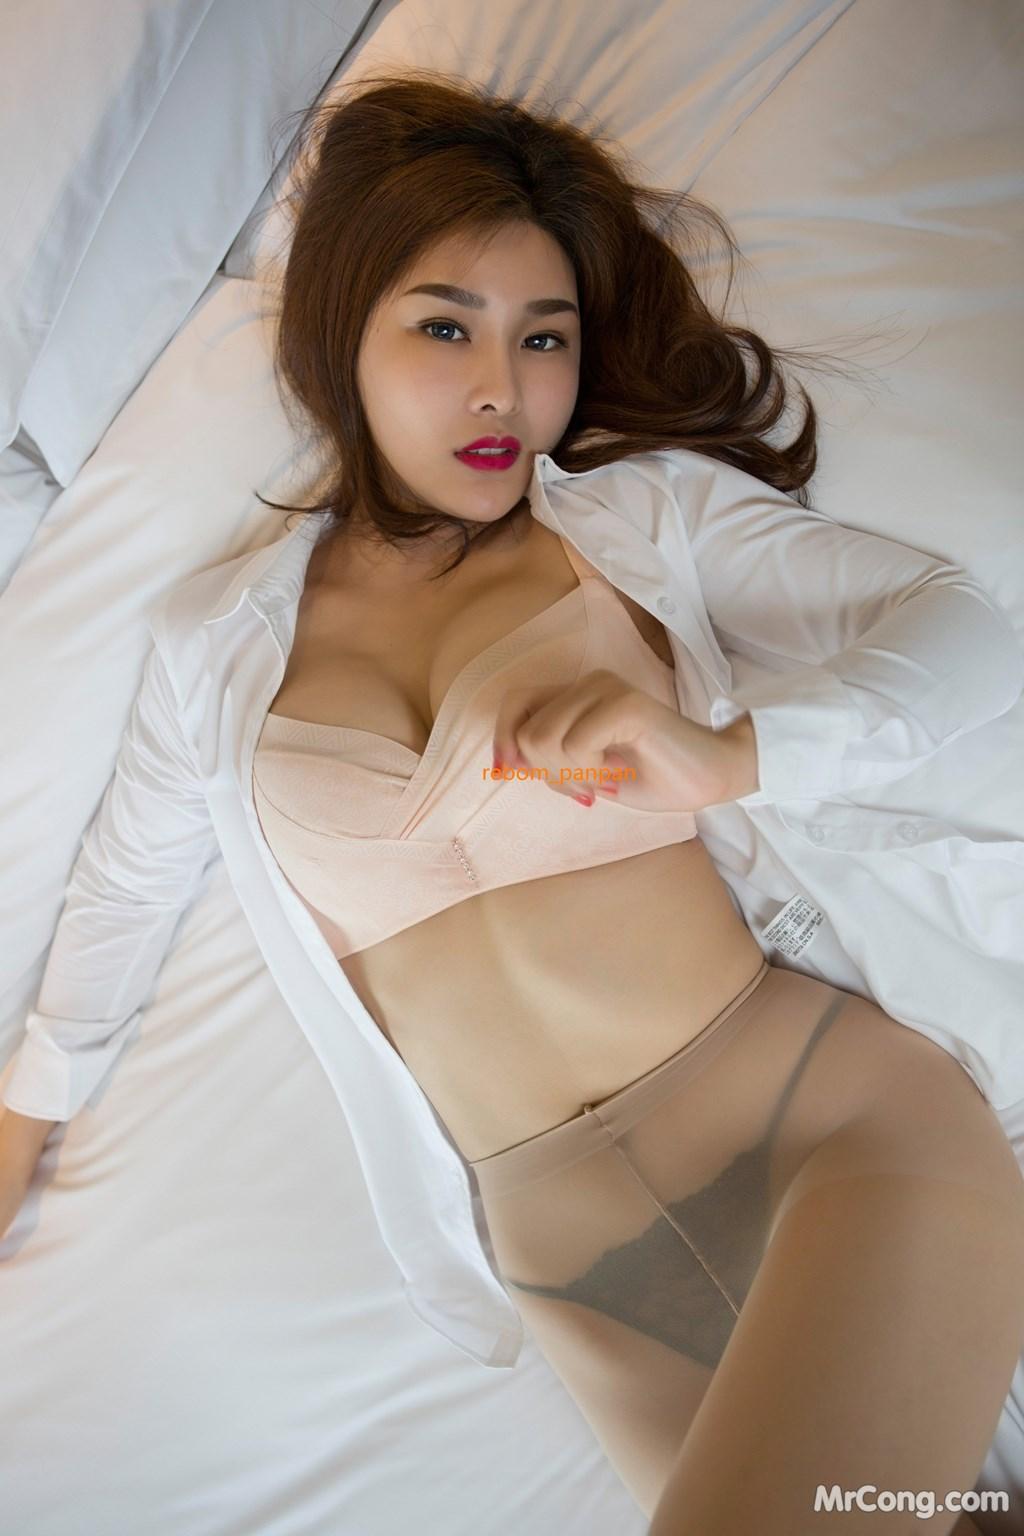 Image Yan-Pan-Pan-Part-4-MrCong.com-015 in post Người đẹp Yan Pan Pan (闫盼盼) hờ hững khoe vòng một trên giường ngủ (40 ảnh)